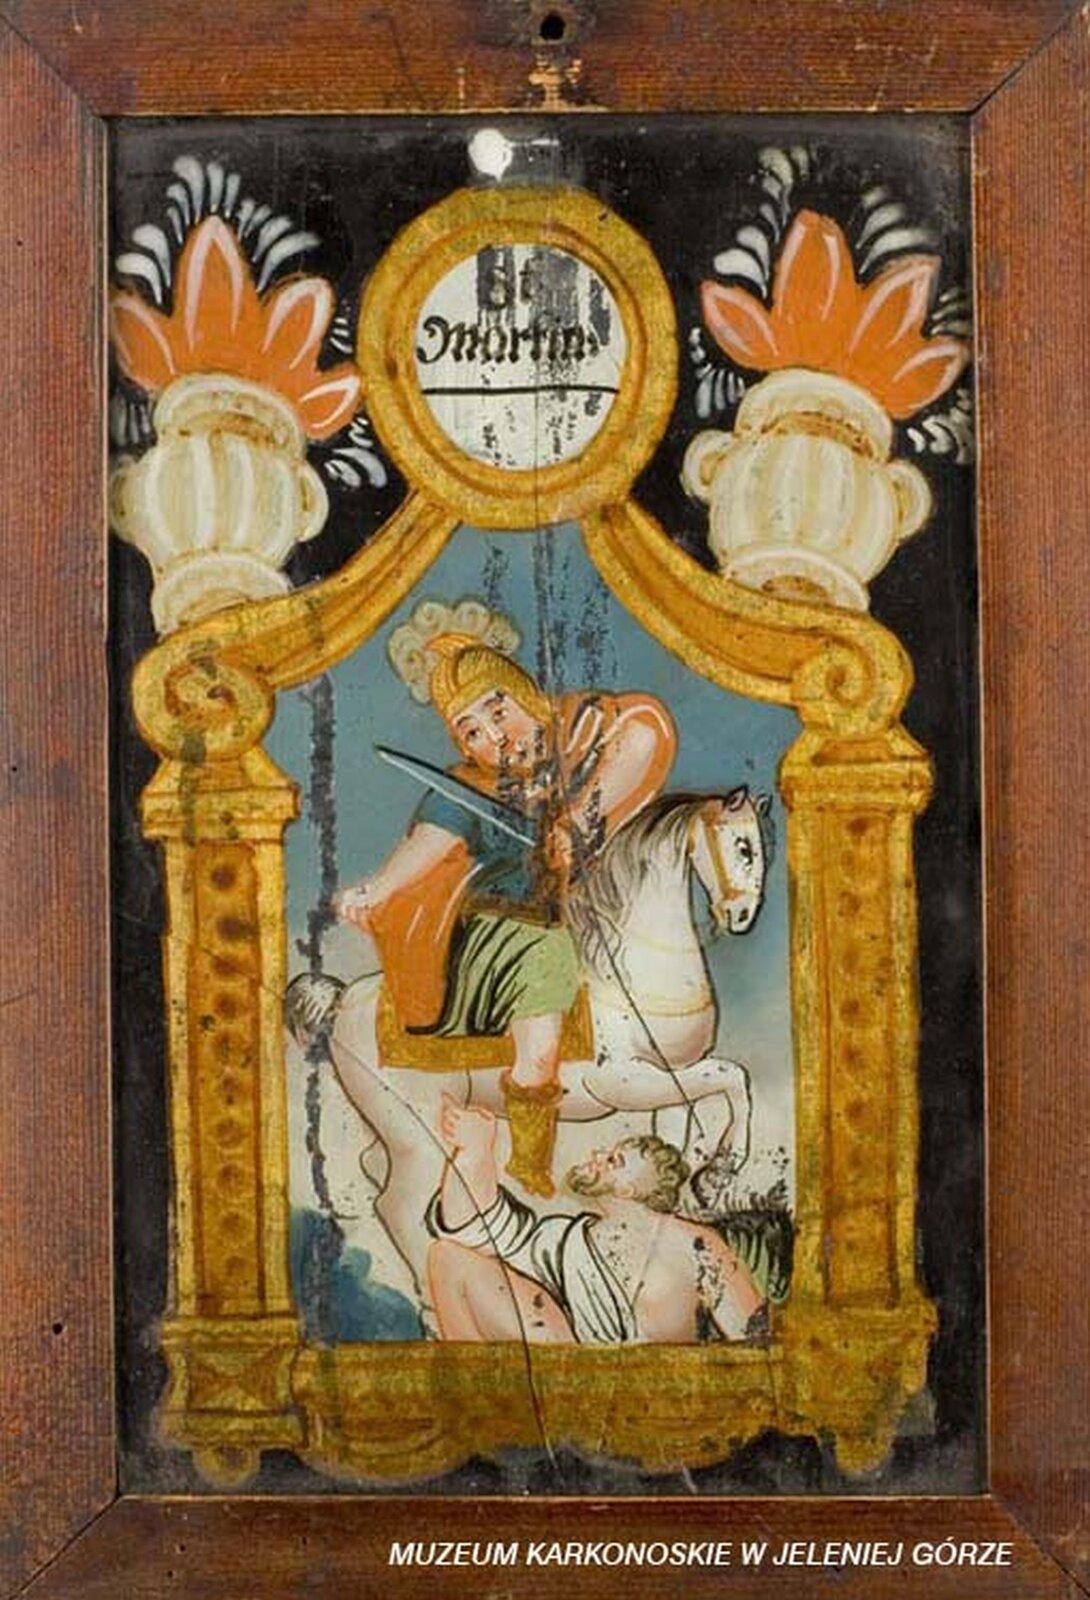 Ilustracja przedstawia malowidło na szkle, które ukazuje świętego Marcina. Ubrany jest wzbroję, awręku trzyma miecz. Ukazany jest jako legionista na białym koniu, dający część swojego płaszcza biedakowi. Scena otoczona jest dekoracją wpostaci złotej ramy, złożonej zpodstawy, kolumn, na których spoczywają woluty zwieńczone owalnym medalionem znapisem St Martin. Na wolutach ustawione są dwa dzbany, zktórych wydobywają się płomienie.